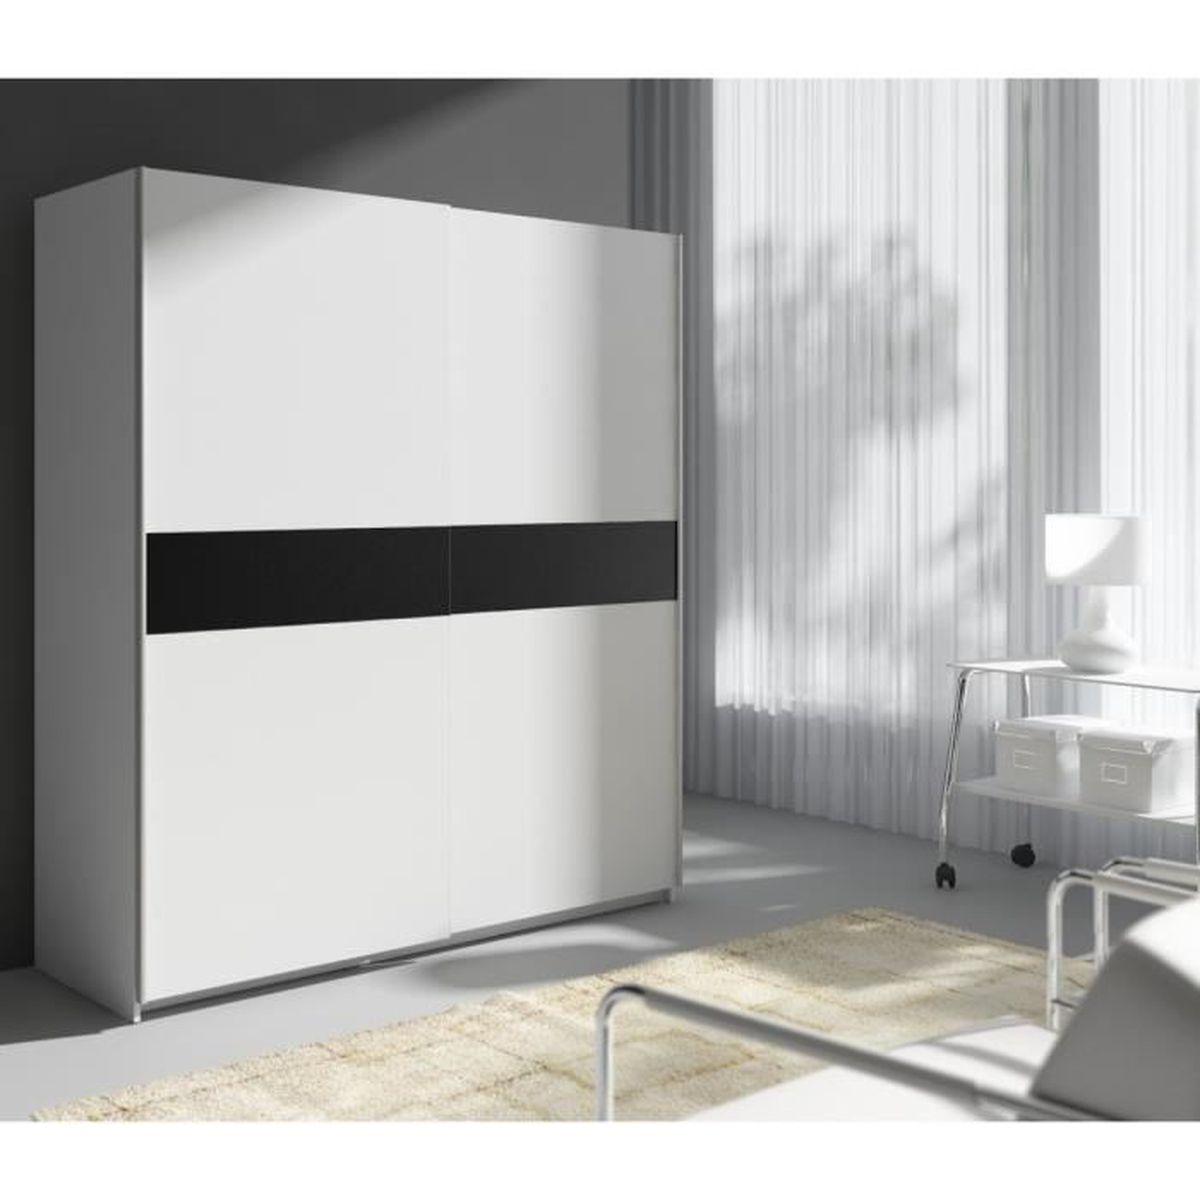 armoire de chambre portes coulissantes avec miroir achat. Black Bedroom Furniture Sets. Home Design Ideas